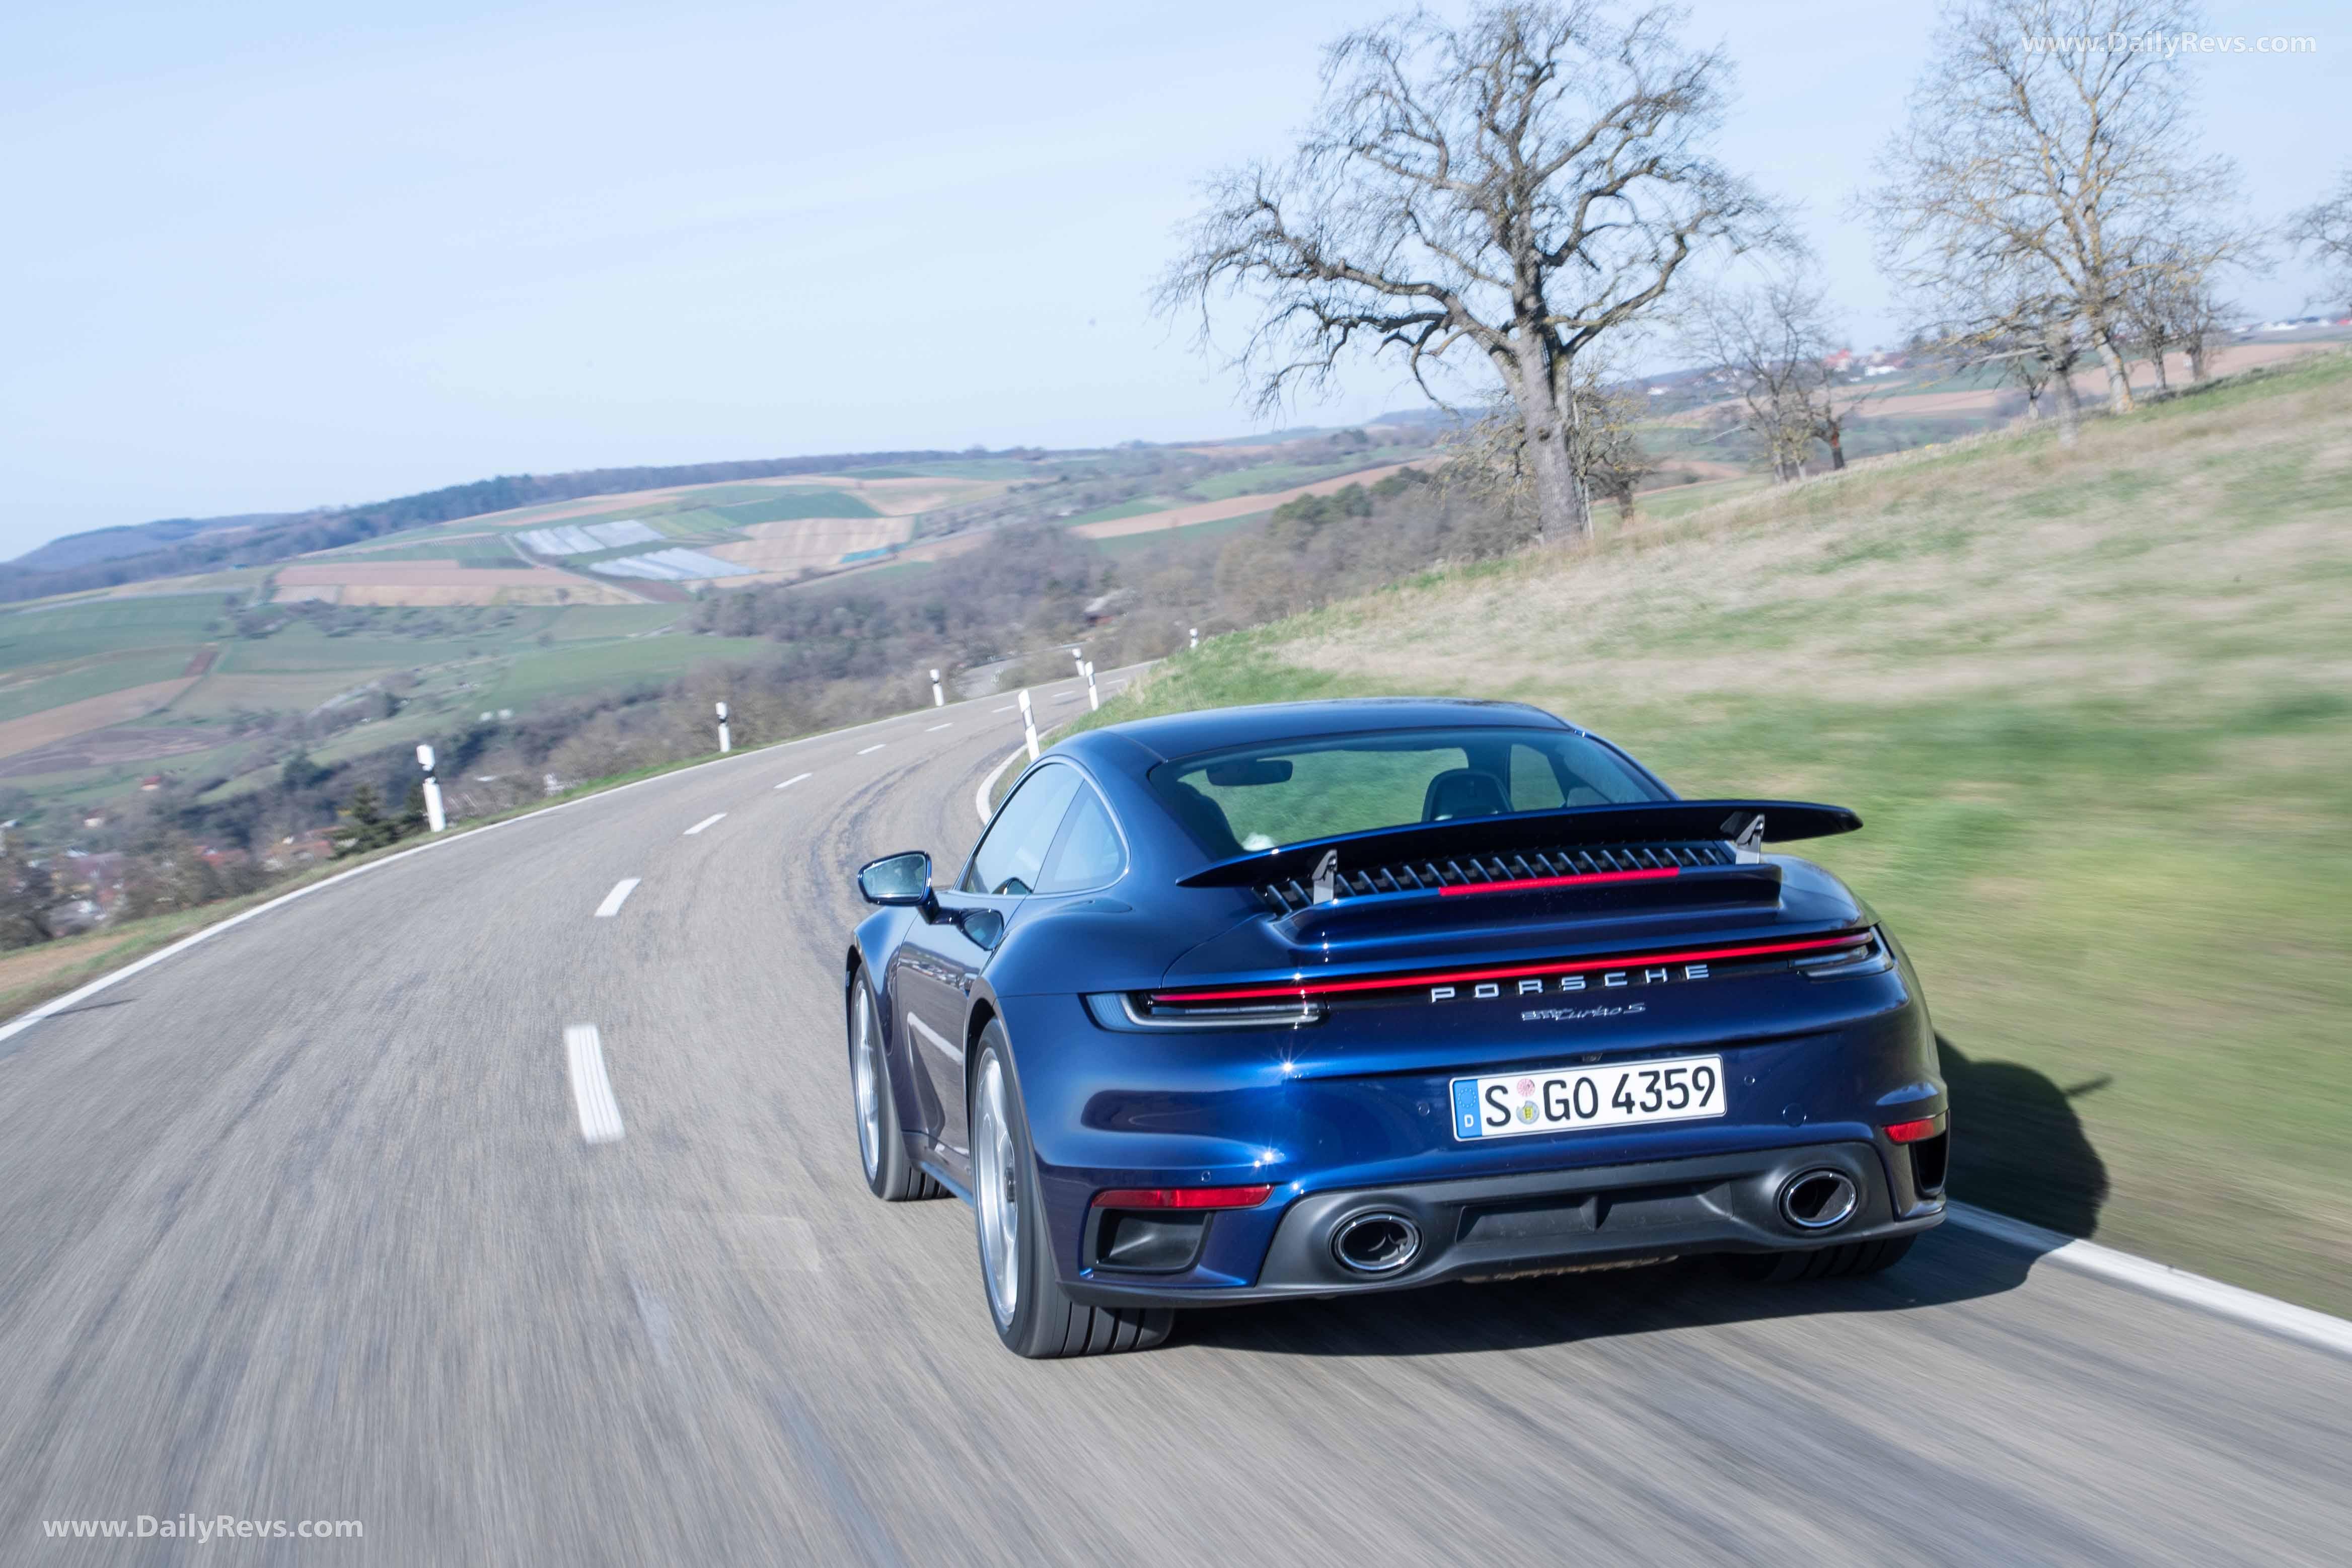 2021 Porsche 911 Turbo S Gentian Blue Metallic Dailyrevs